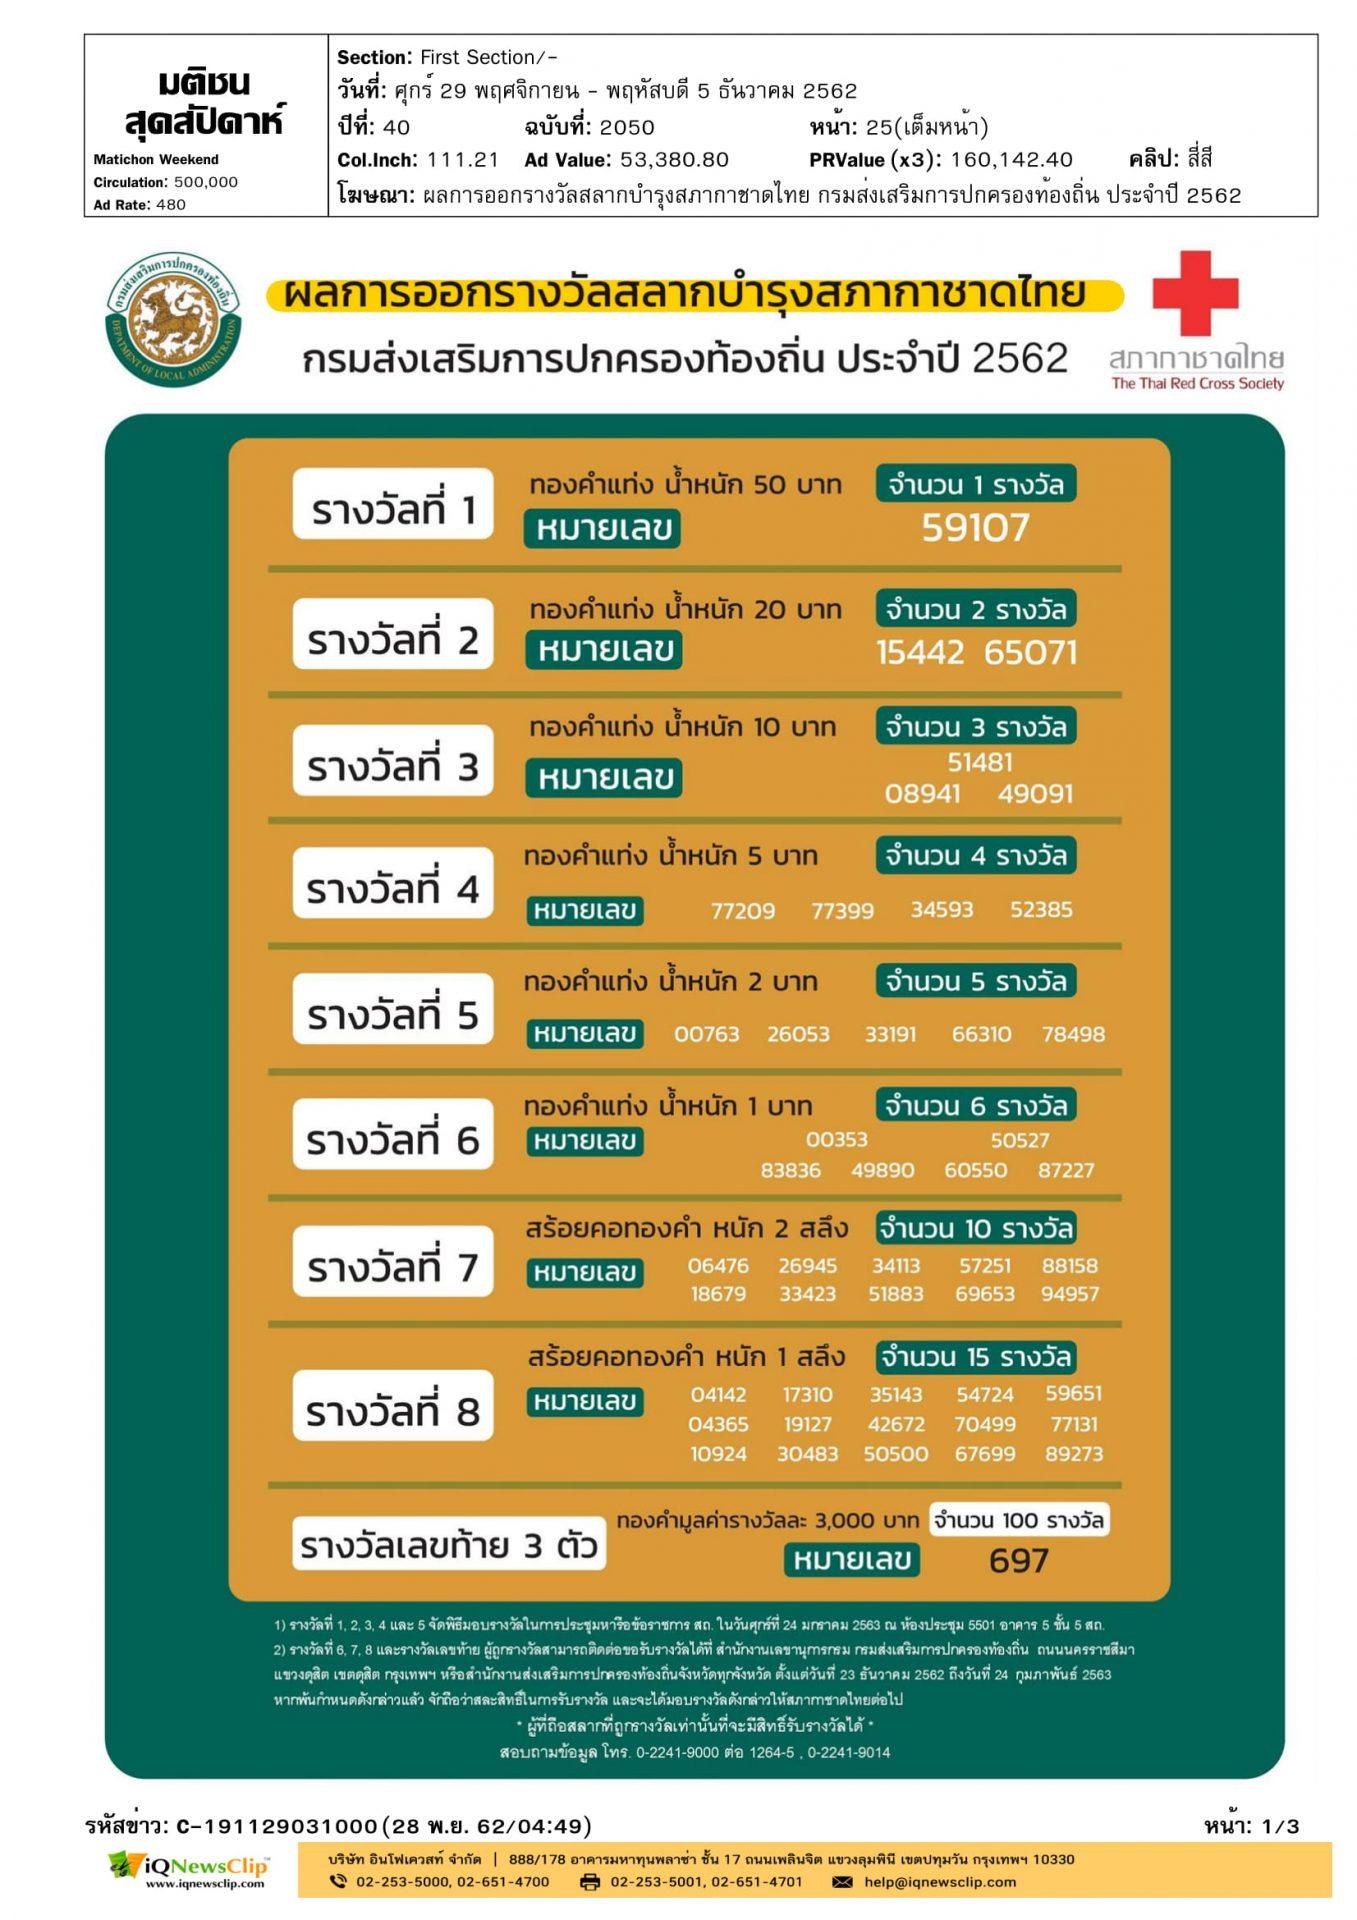 ผลการออกรางวัลสลากบำรุงสภากาชาดไทย